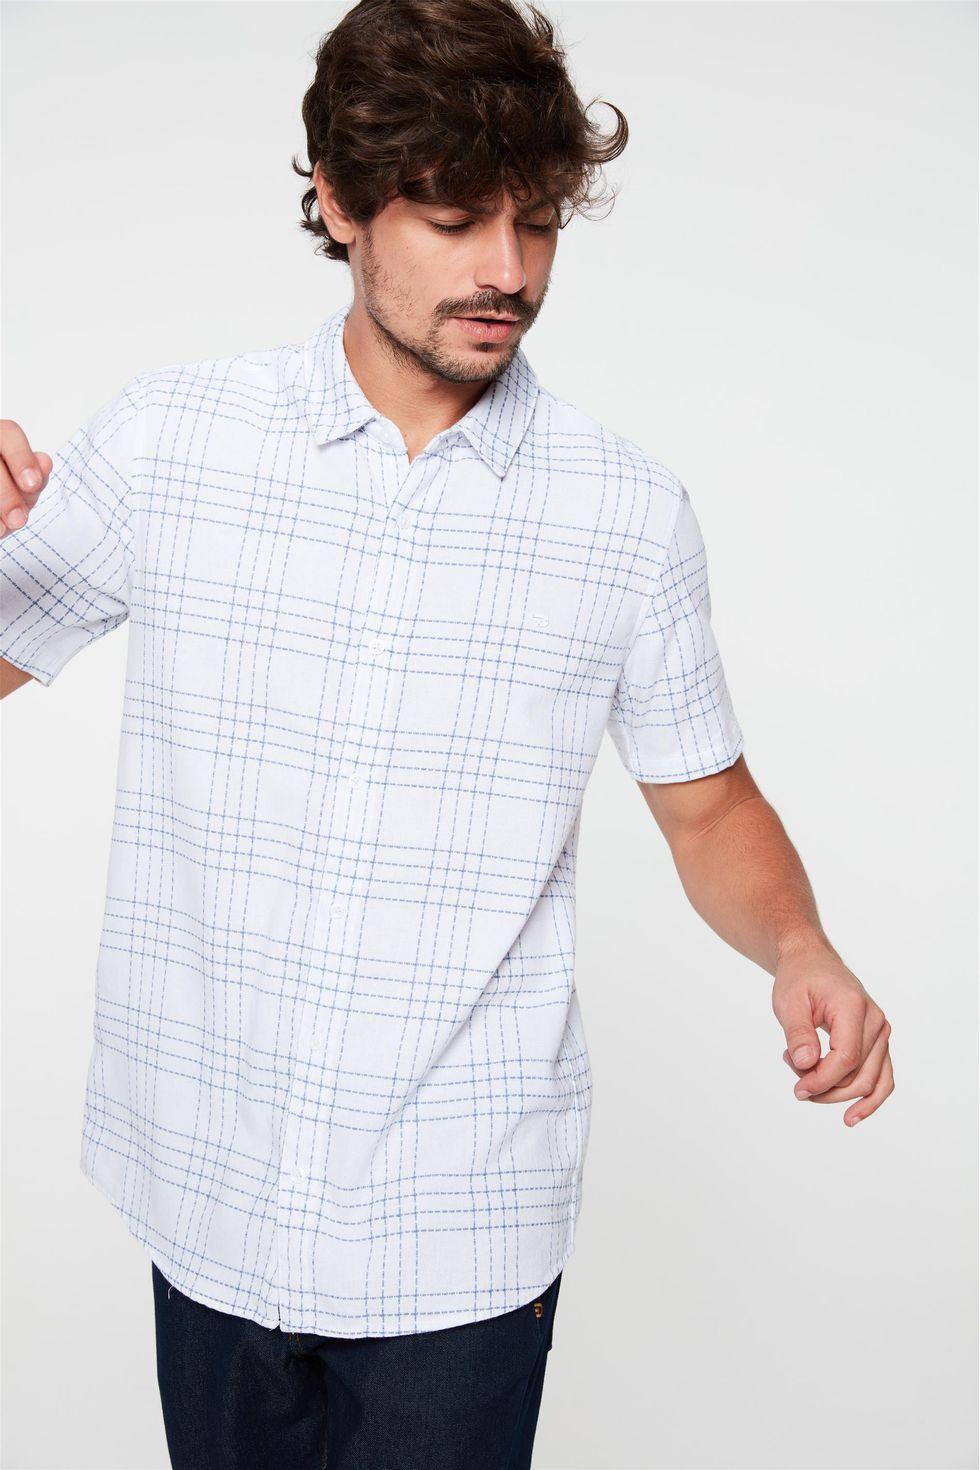 Camisa-de-Manga-Curta-Estampa-Xadrez-Frente--